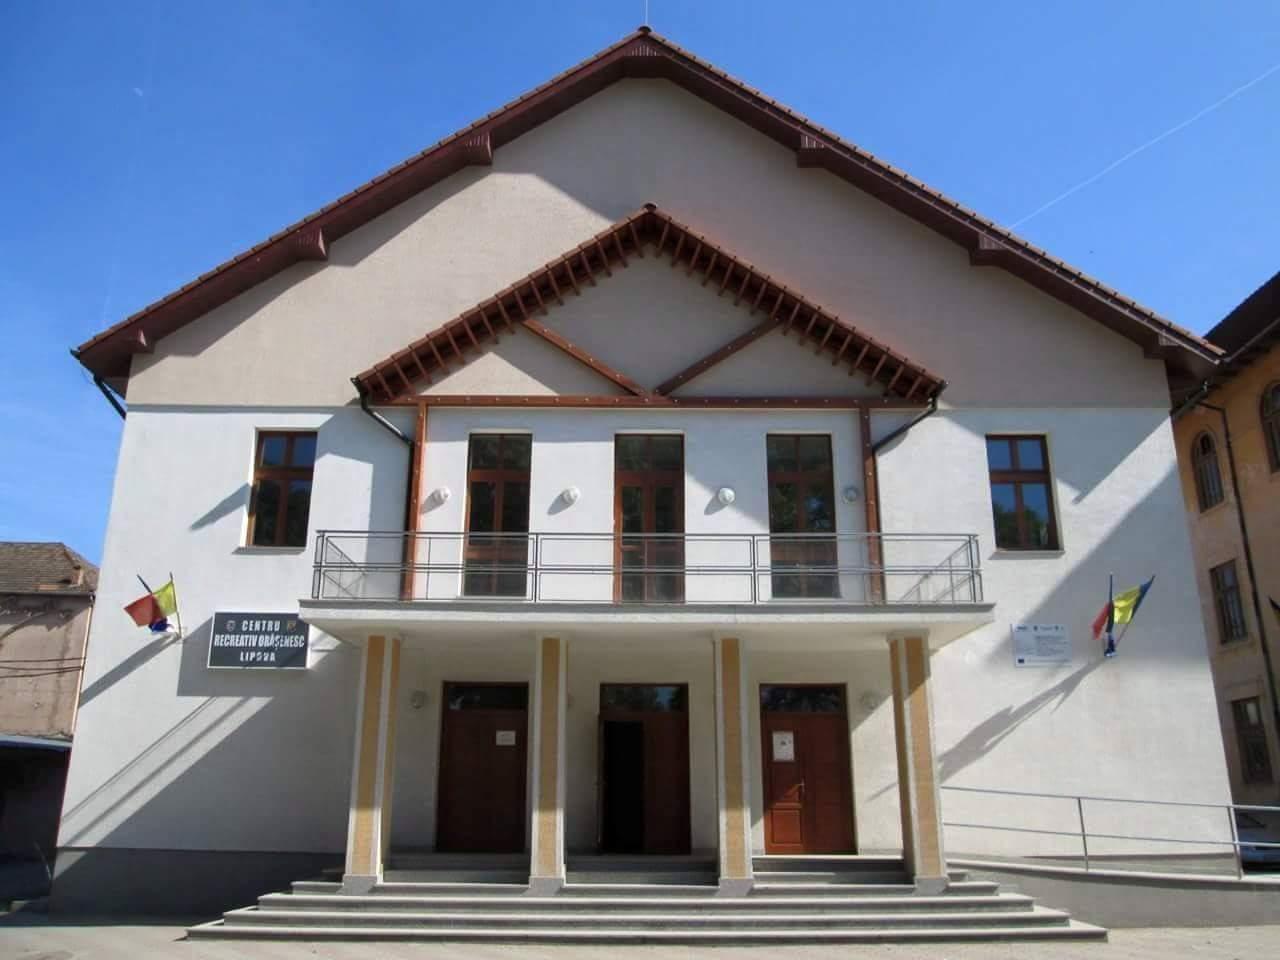 Centrul Recreativ  Orăşenesc Lipova -  evenimente noi şi în această toamnă pentru comunitatea oraşului Lipova